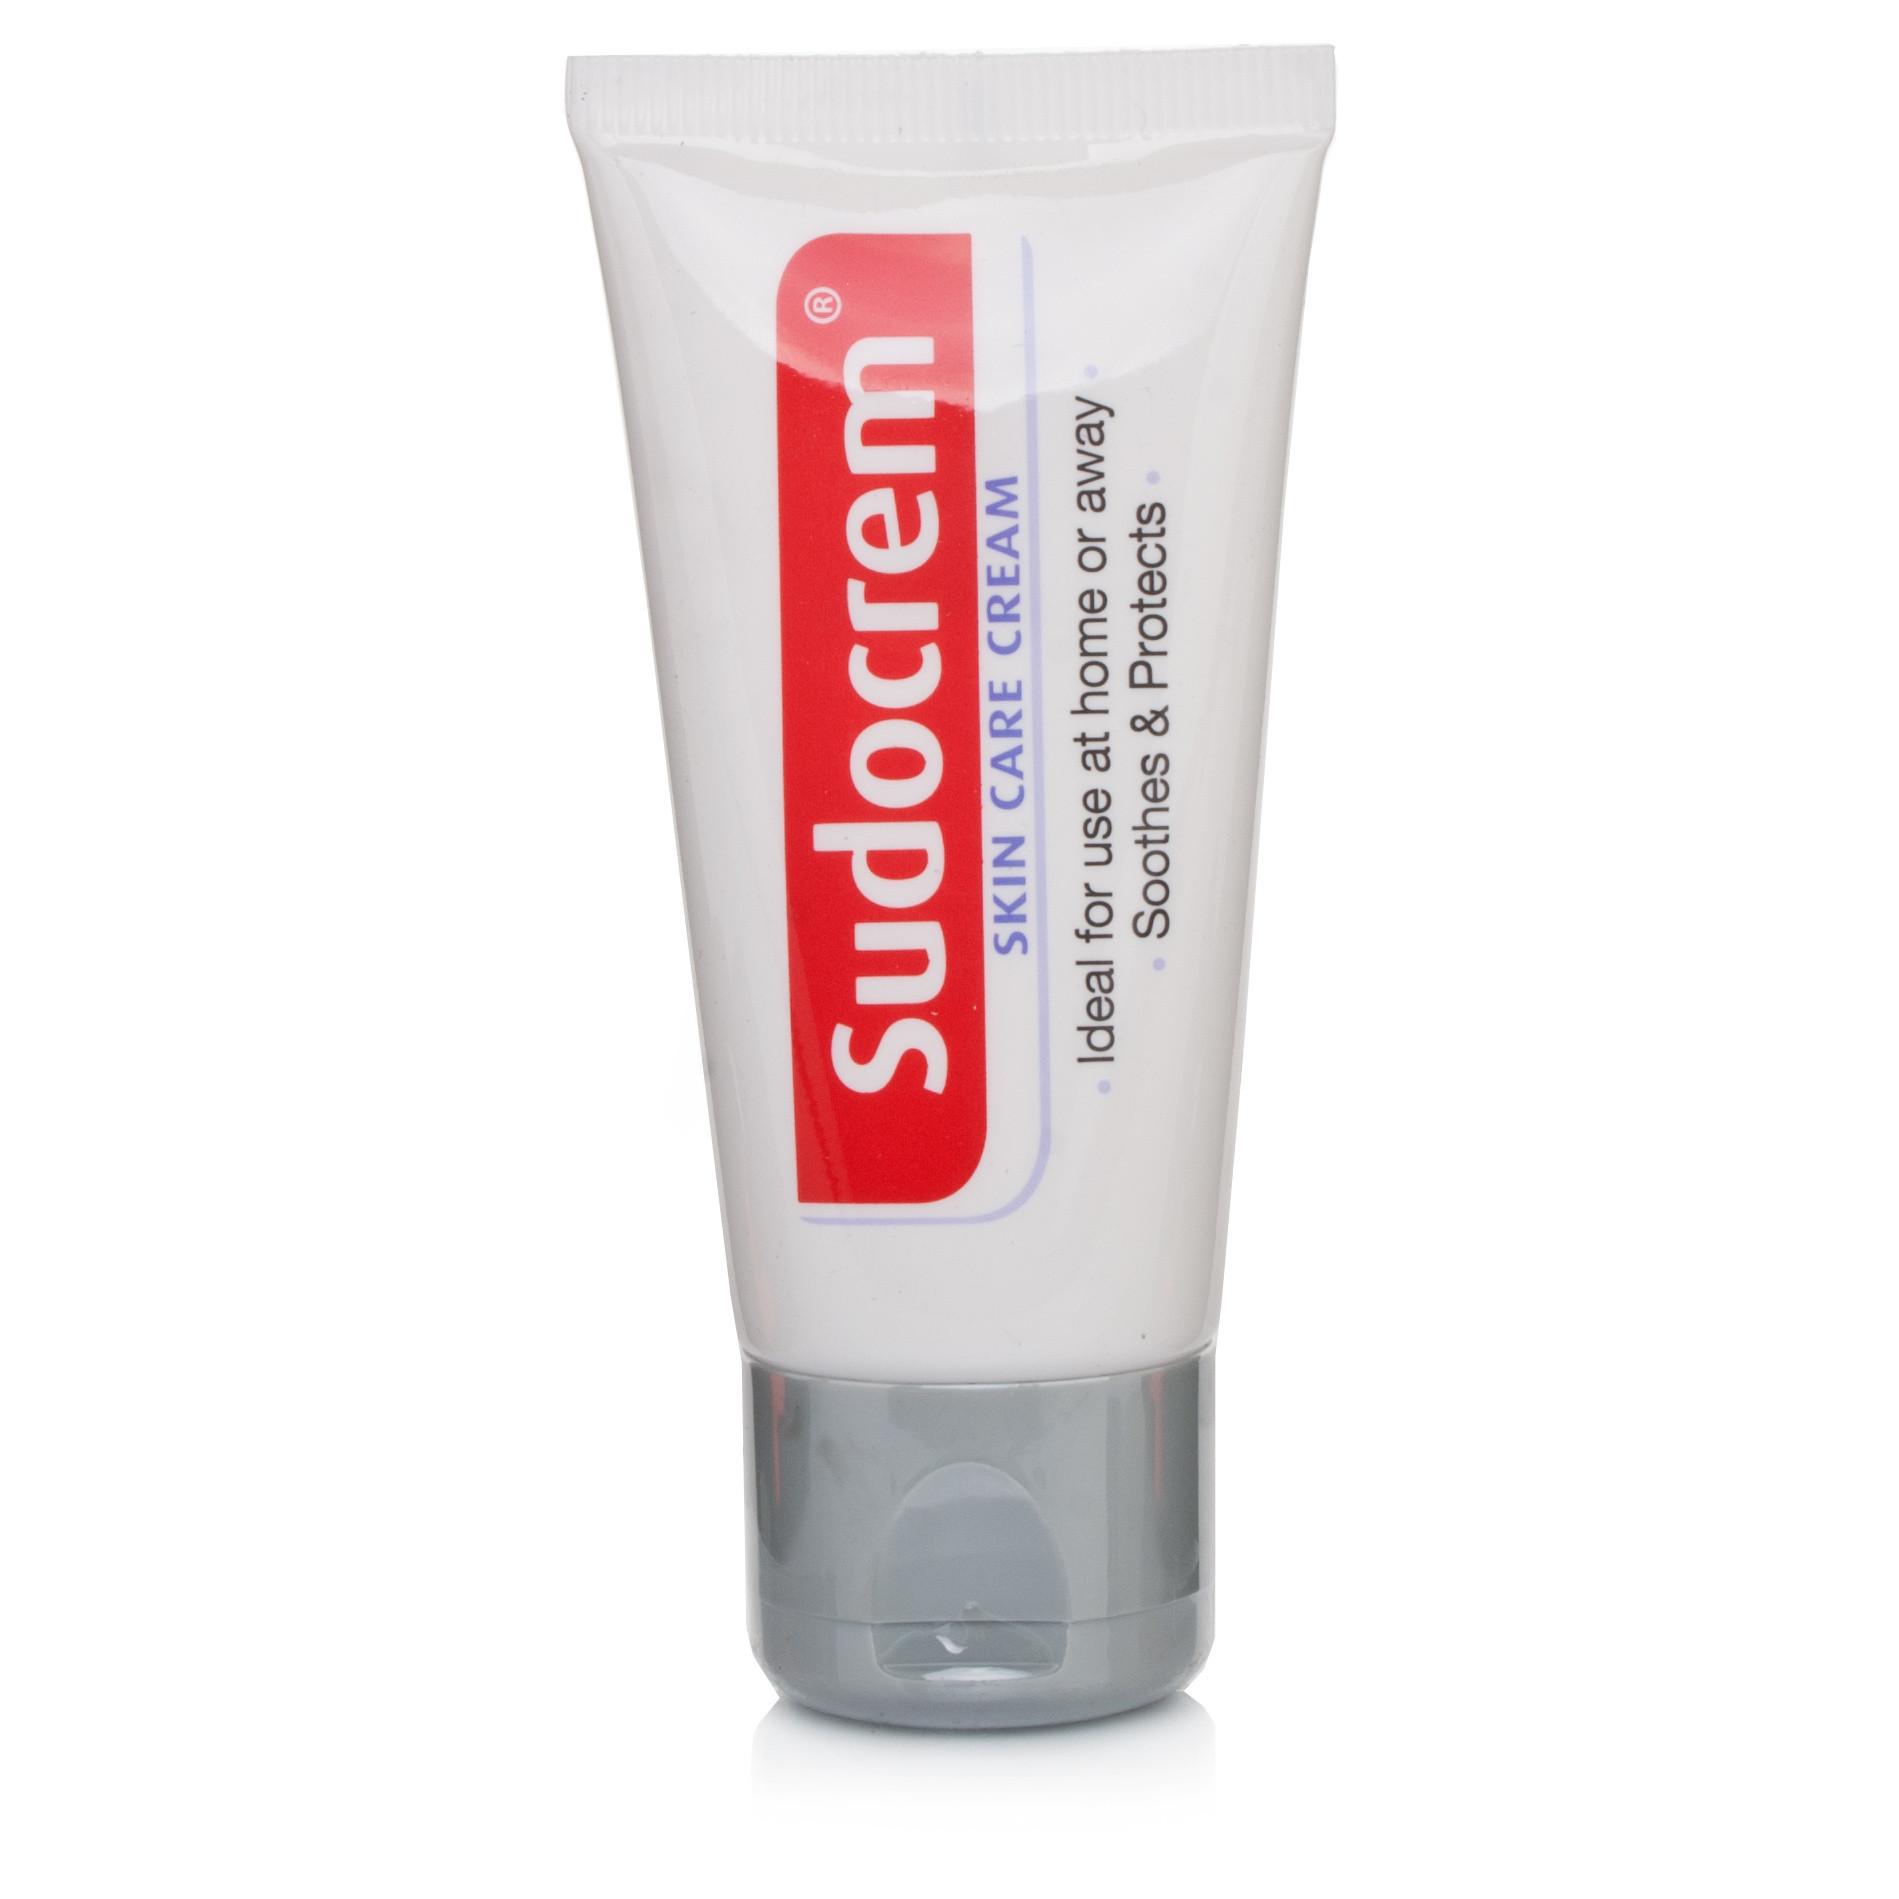 Skin Care Cream: Sudocrem Cream Healing Tube